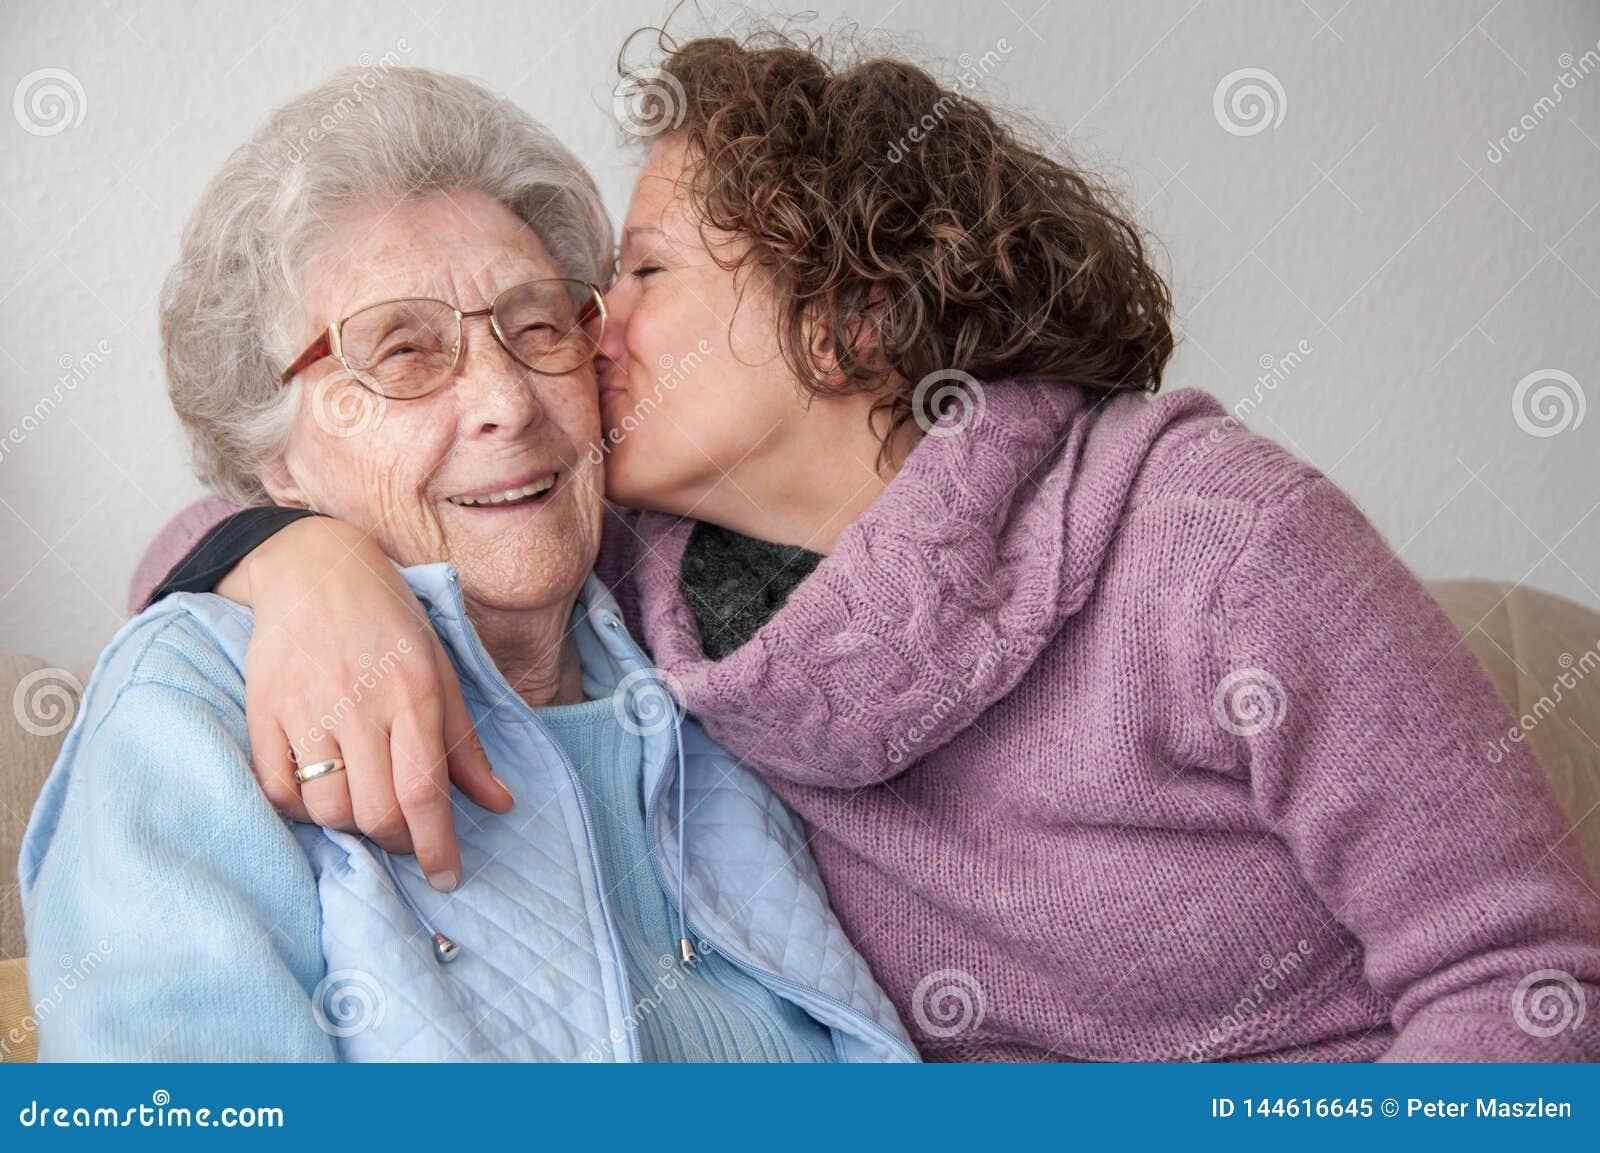 Young woman kissing senior woman